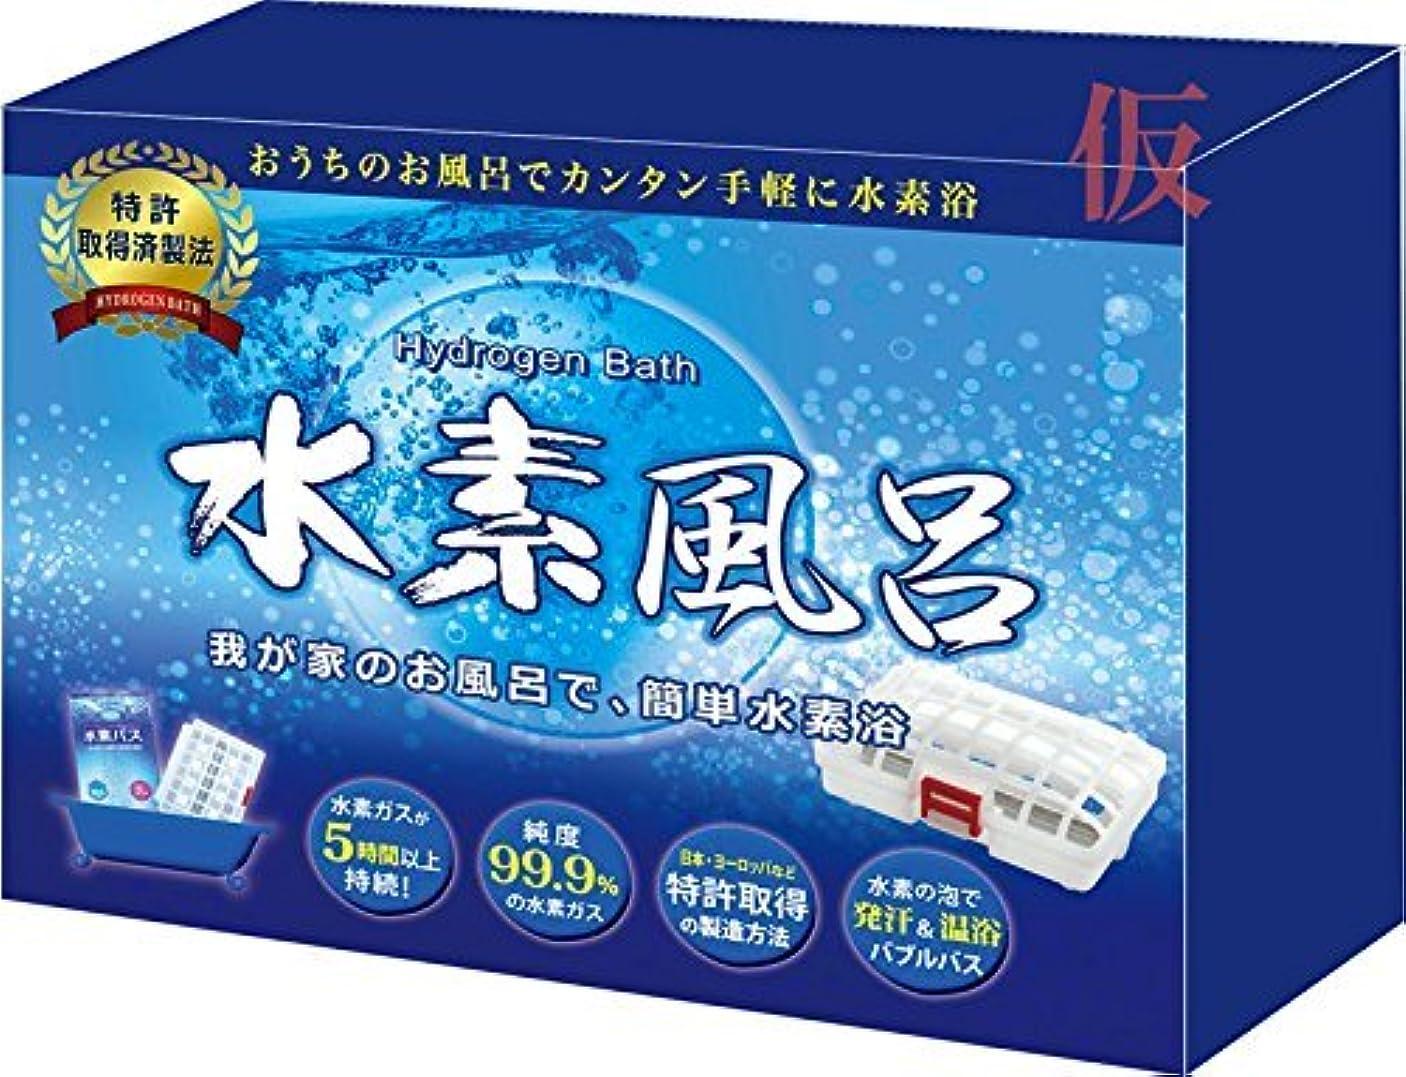 シリーズパシフィックサスペンション水素風呂 4袋